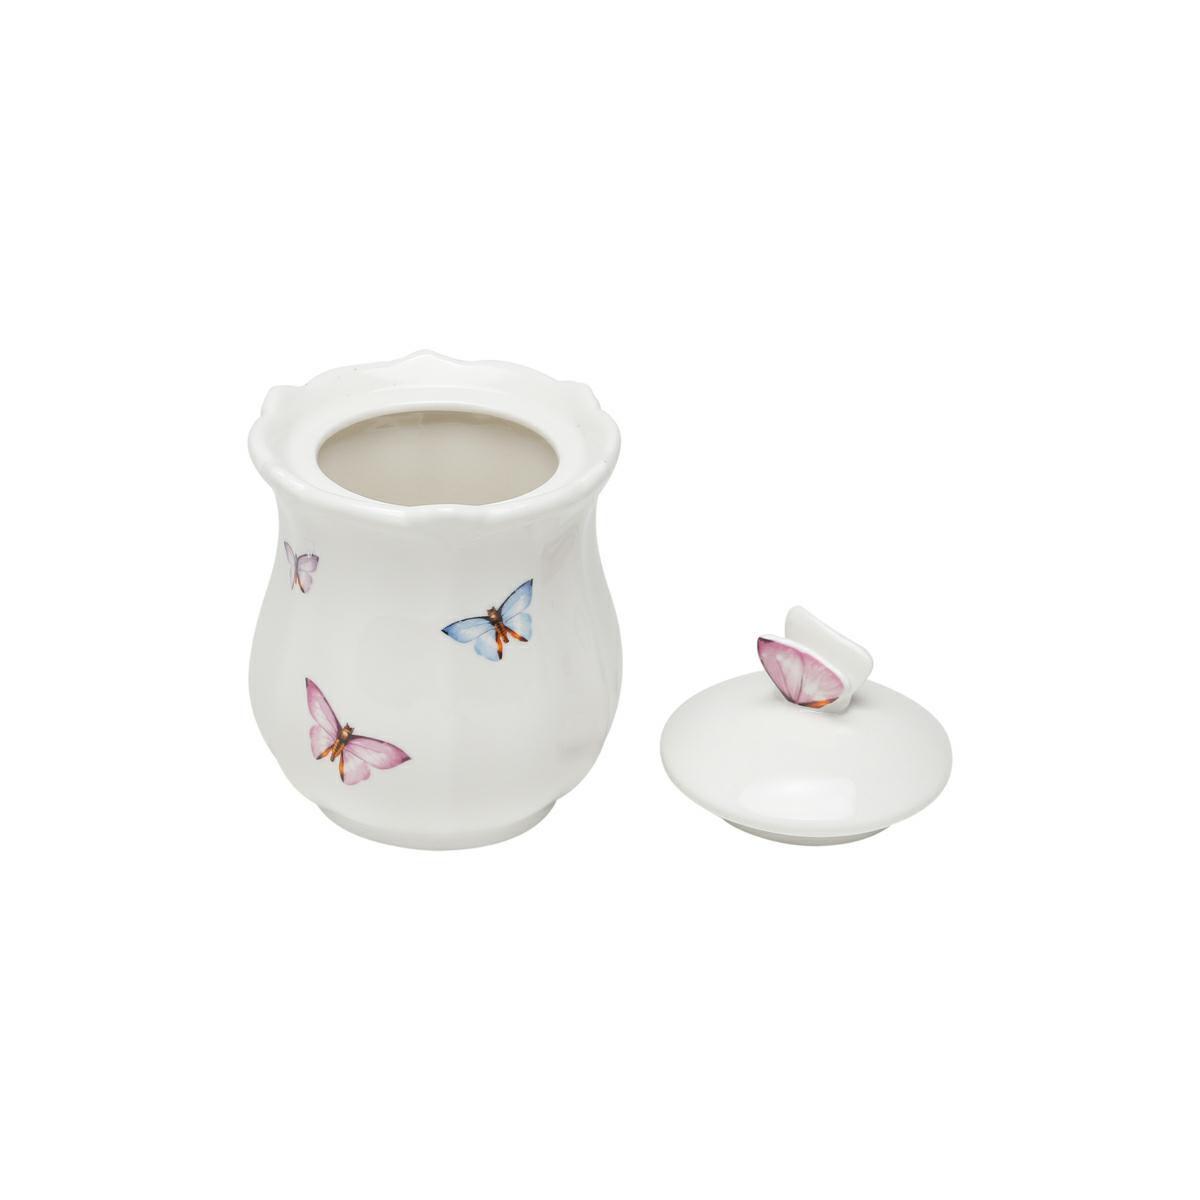 Pote 350ml de porcelana com tampa Borboletas Wolff - 1152